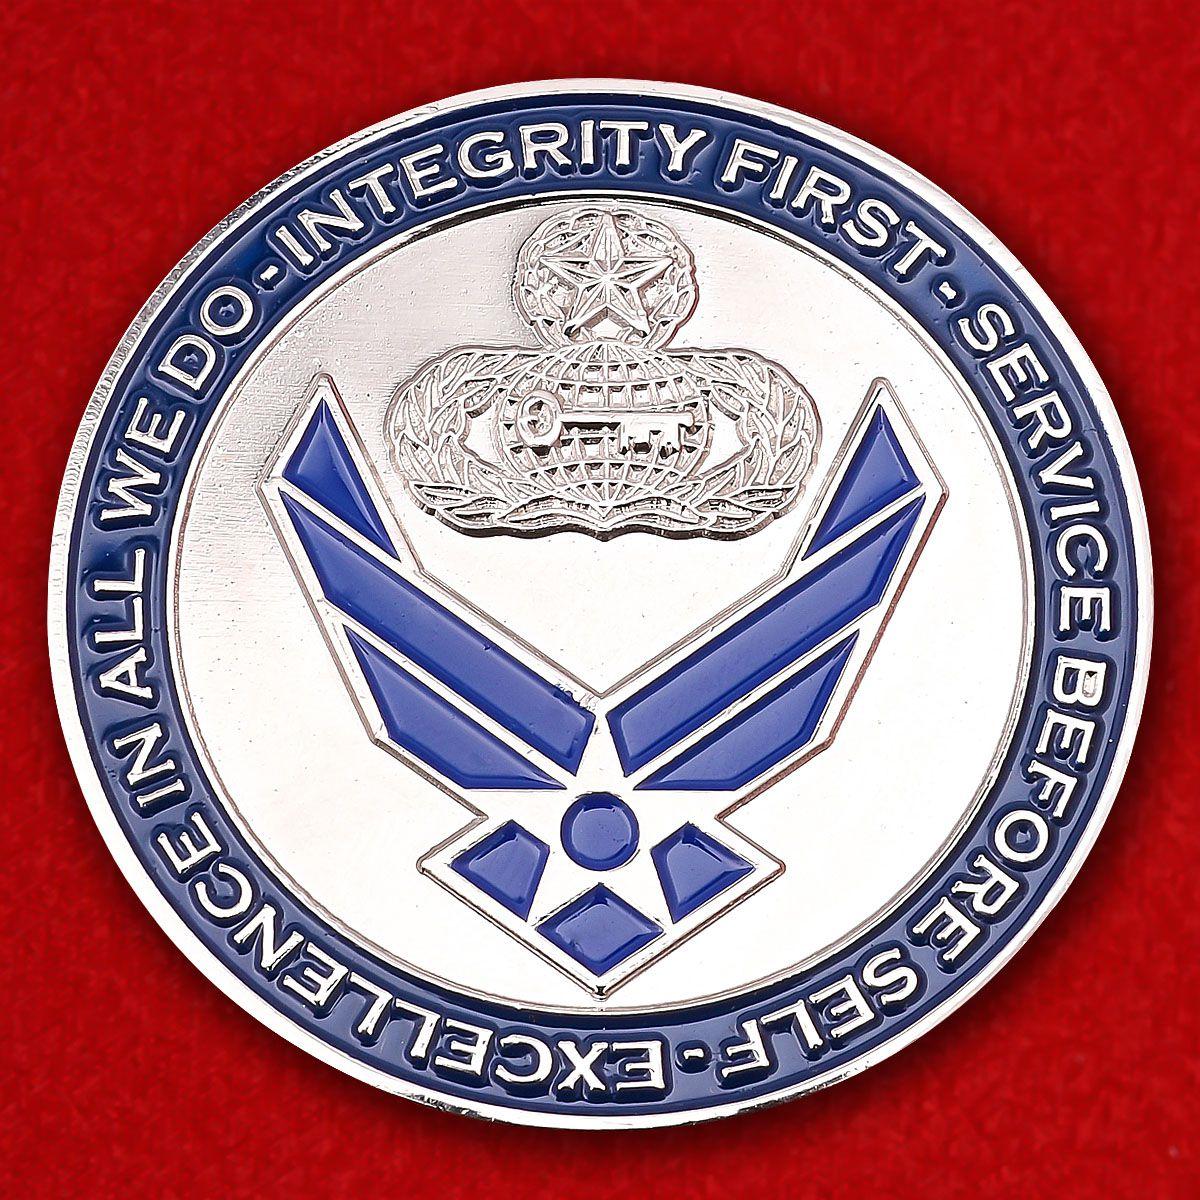 """Челлендж коин """"Главному Мастер-сержанту ВВС США Даниэлю Г. Бассету за отличную службу"""""""